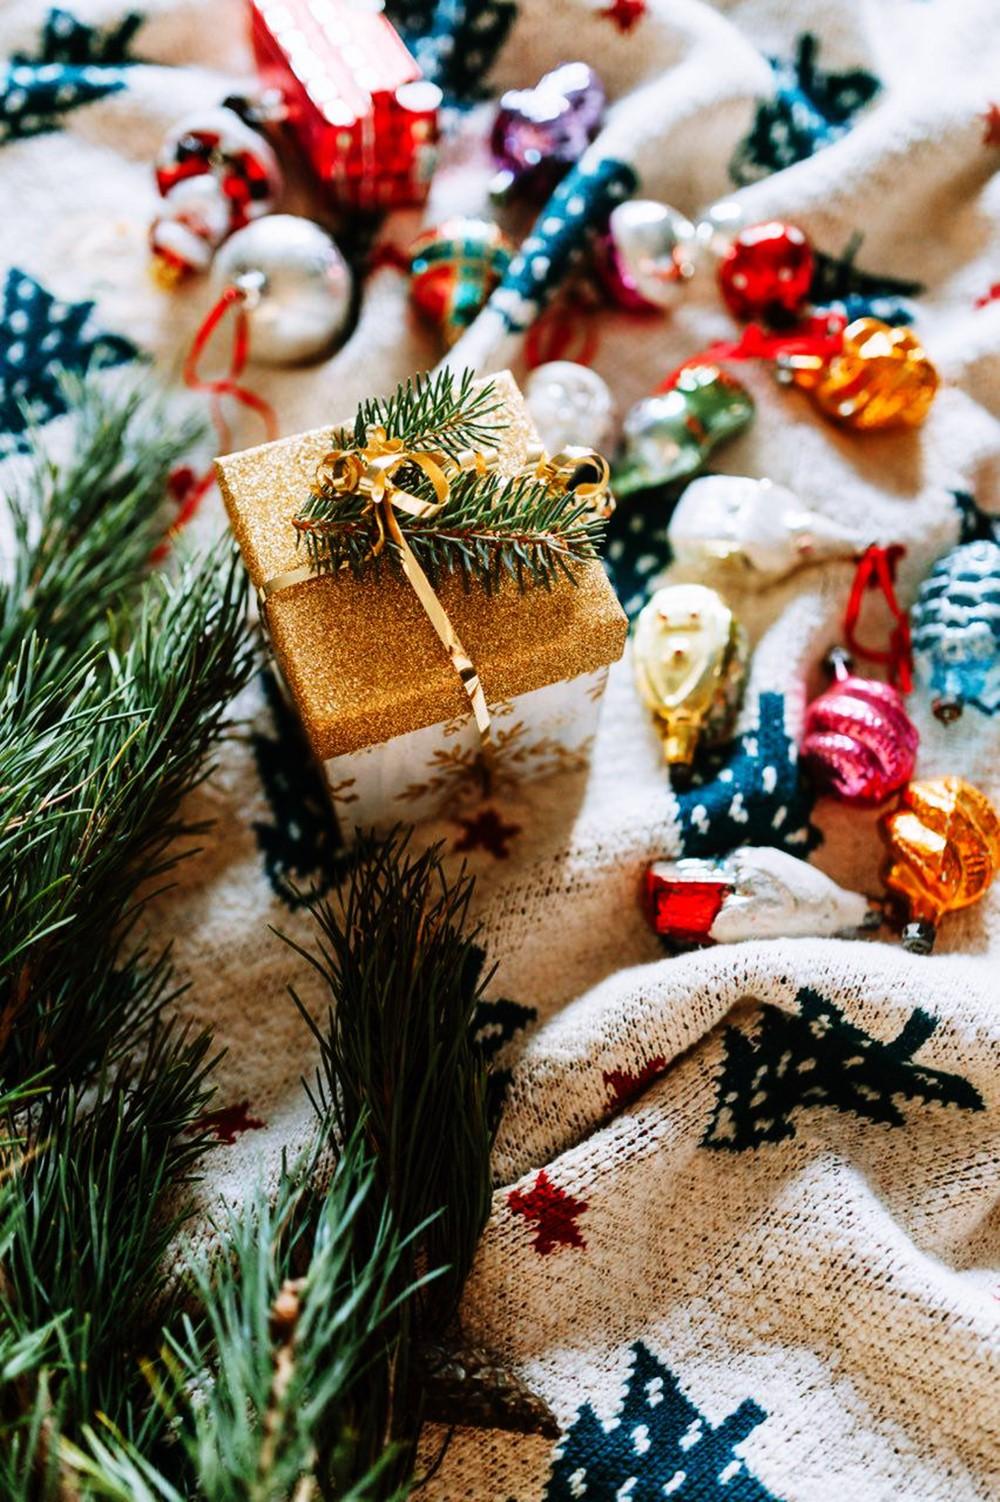 Regali Di Natale Last Minute.Regali Last Minute E Dove Trovarli Sotto Natale Blog Di Mina